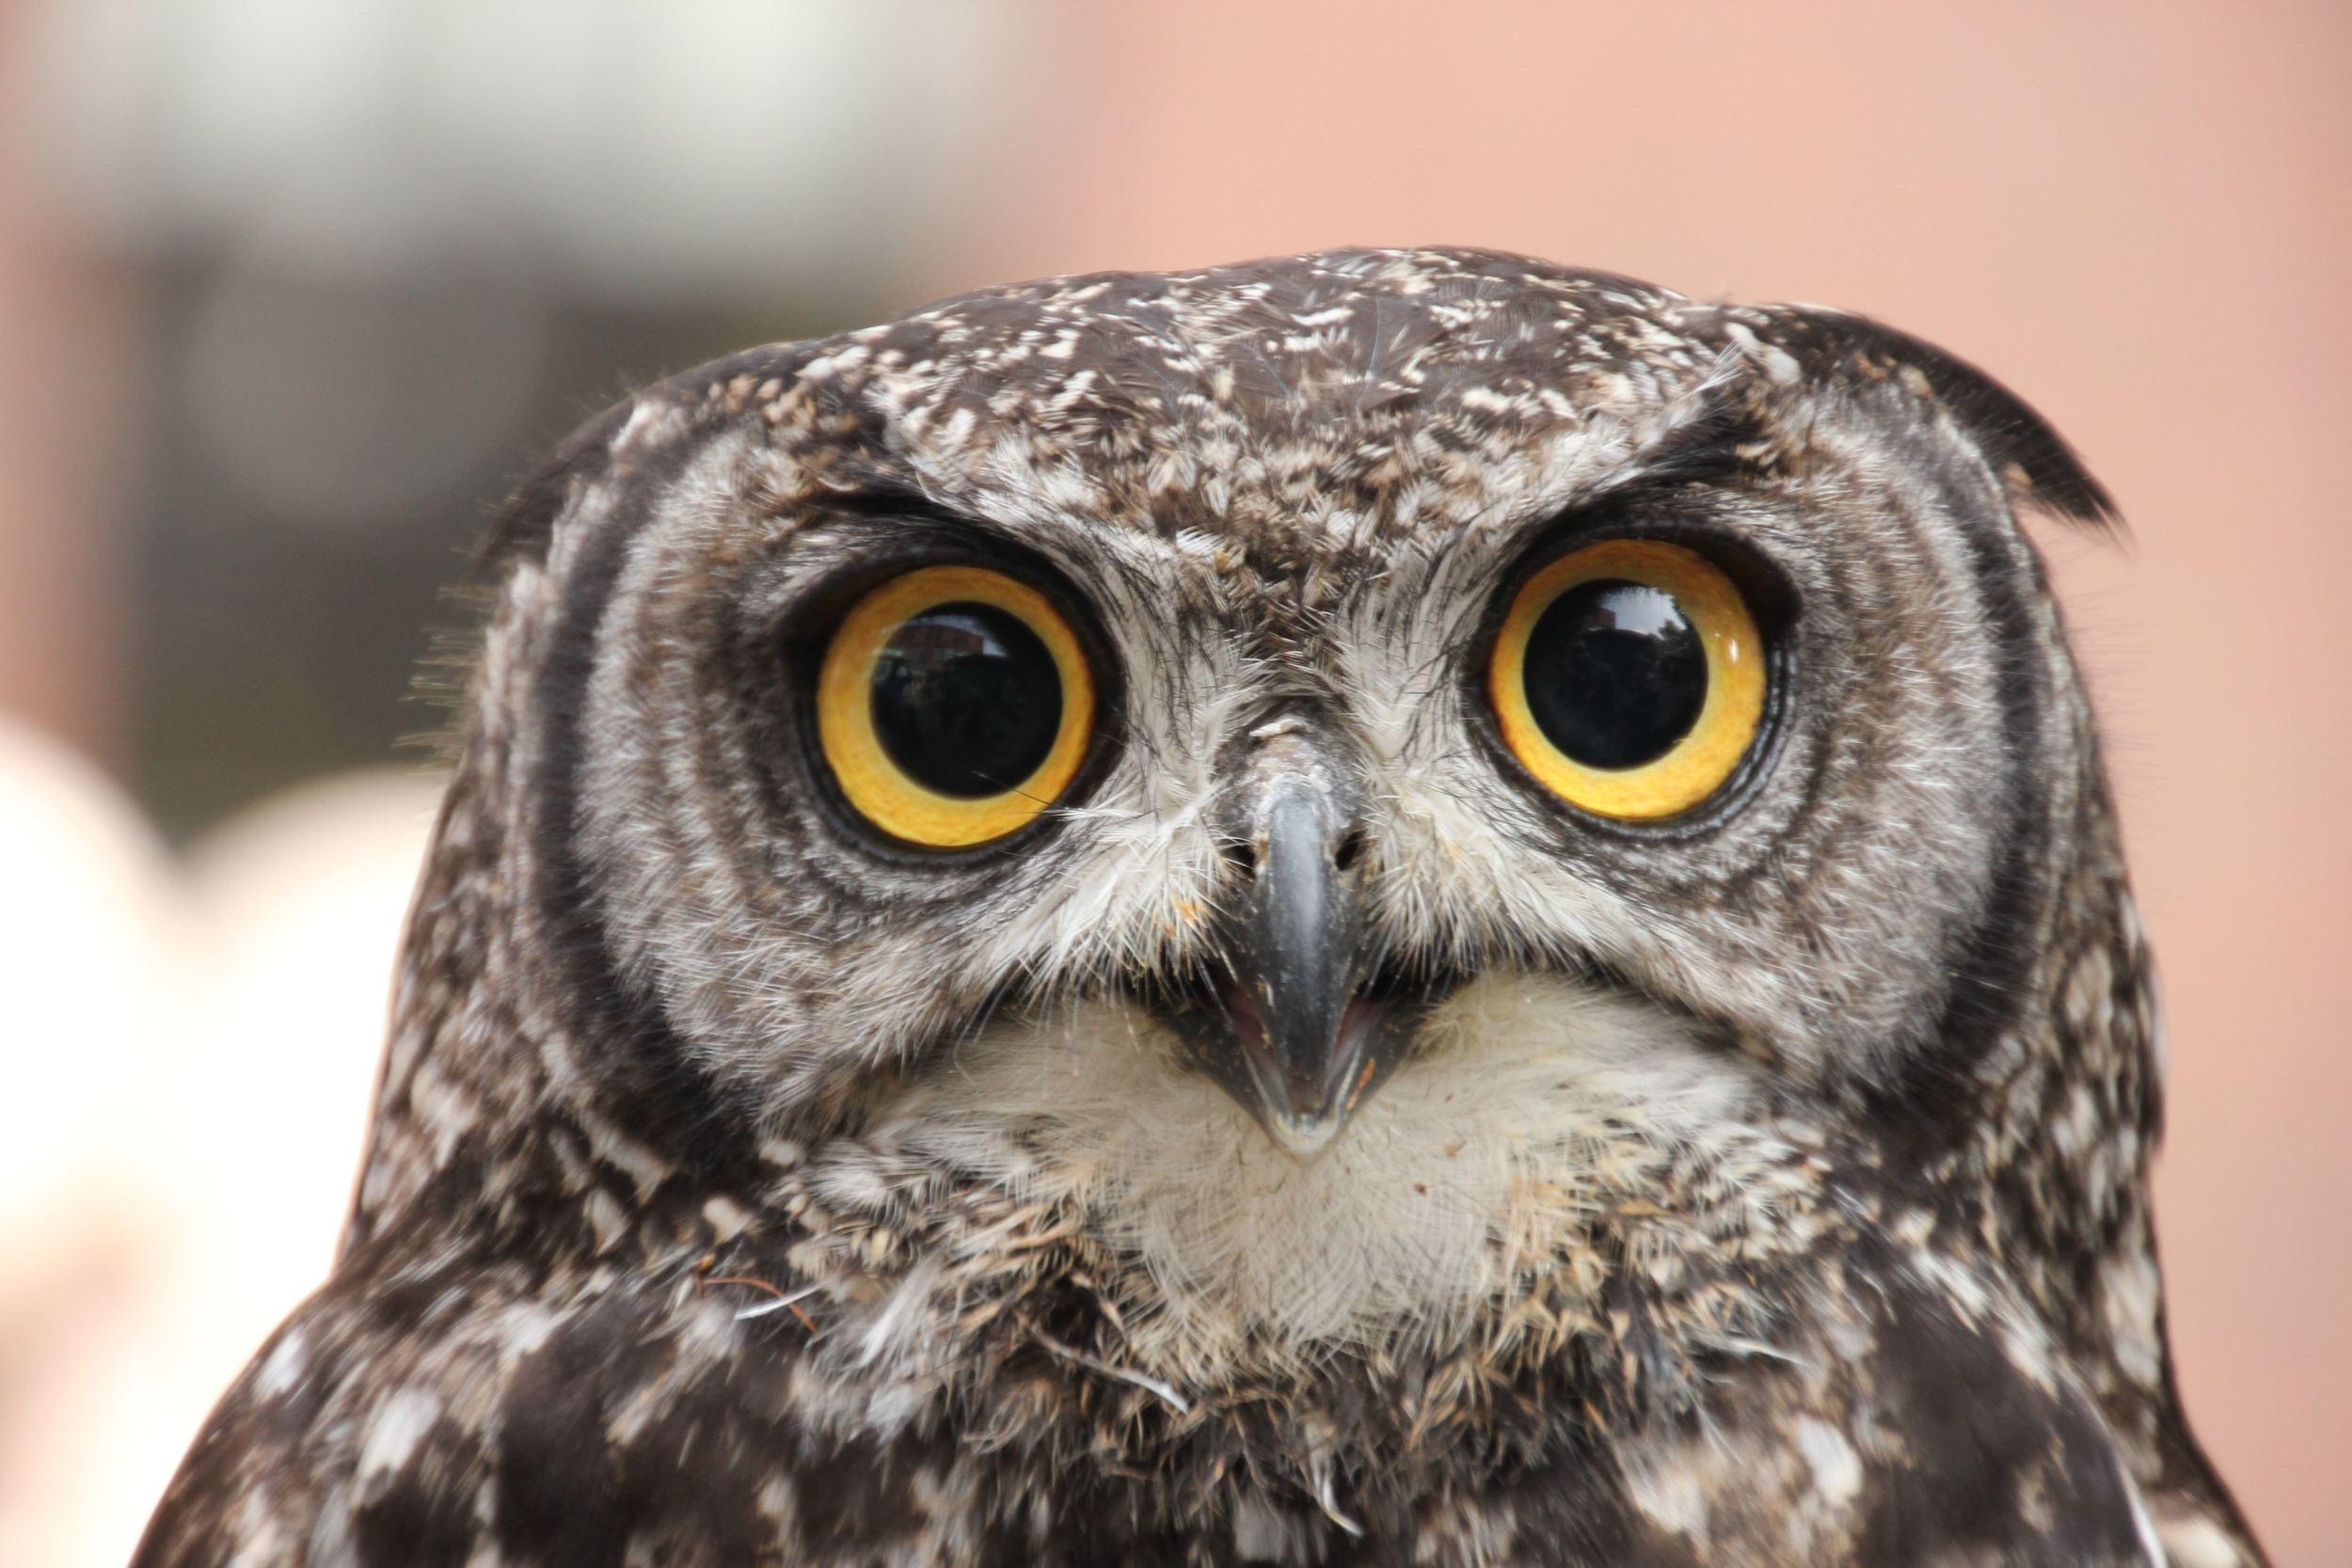 Owl with big eyes